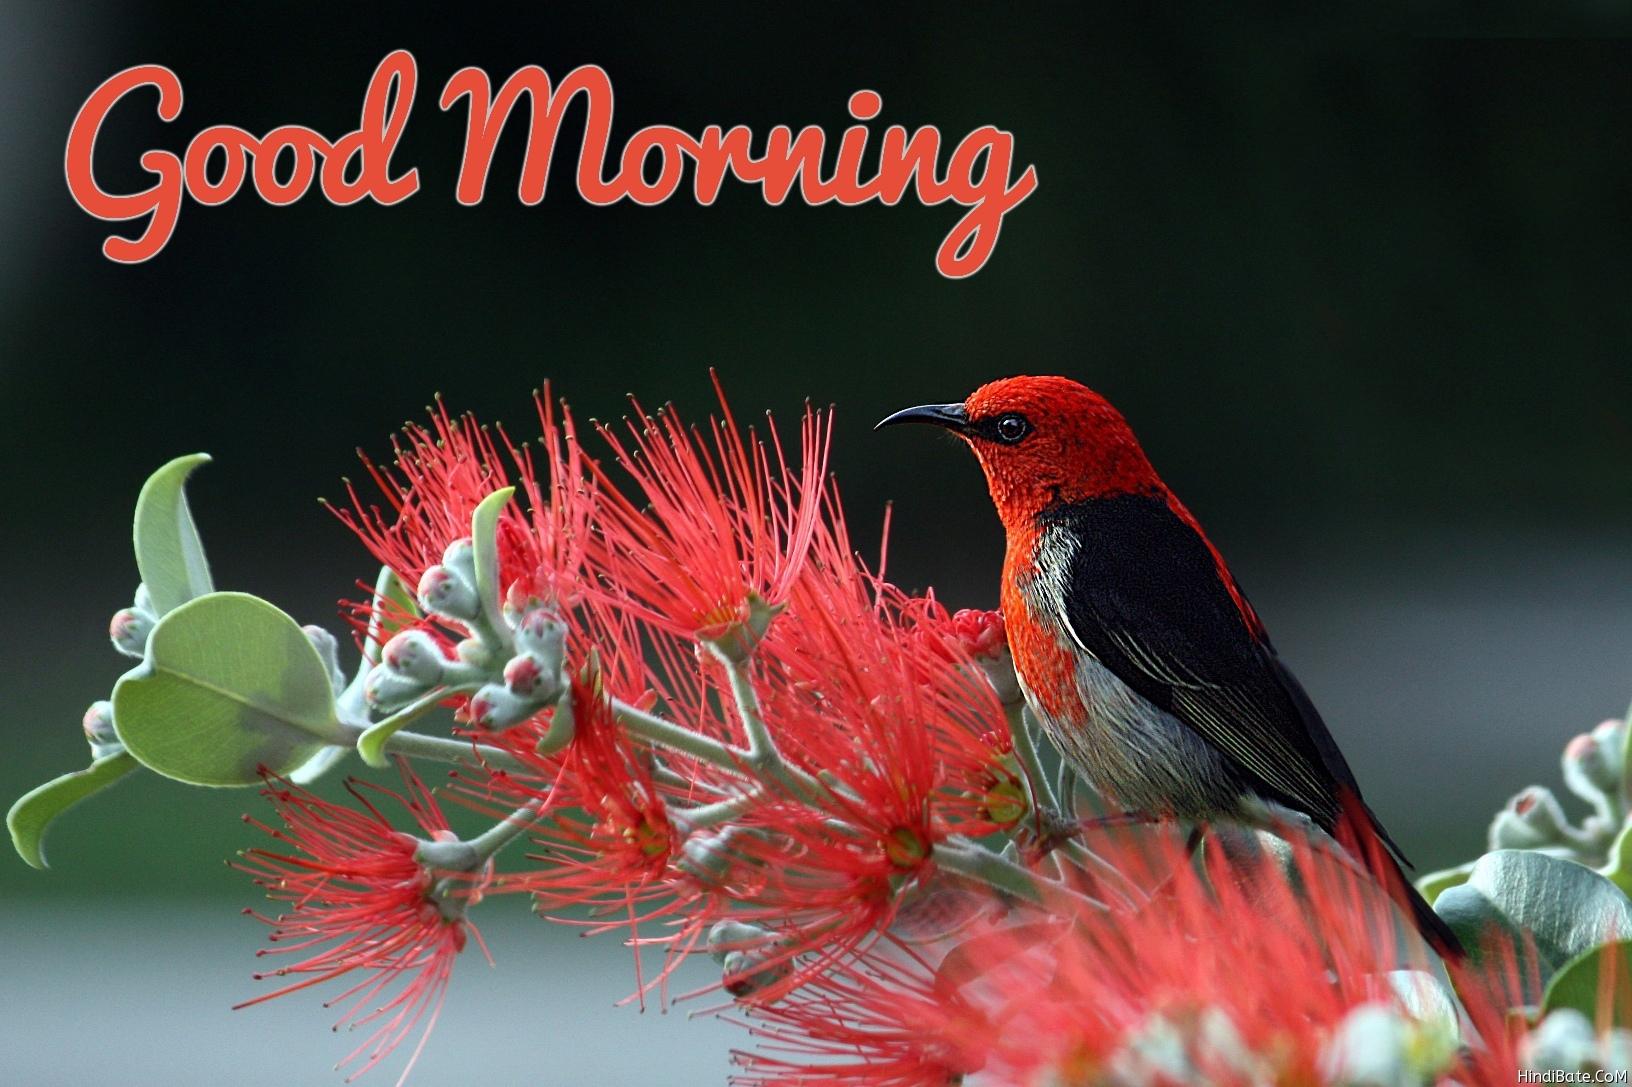 Good morning nature bird image